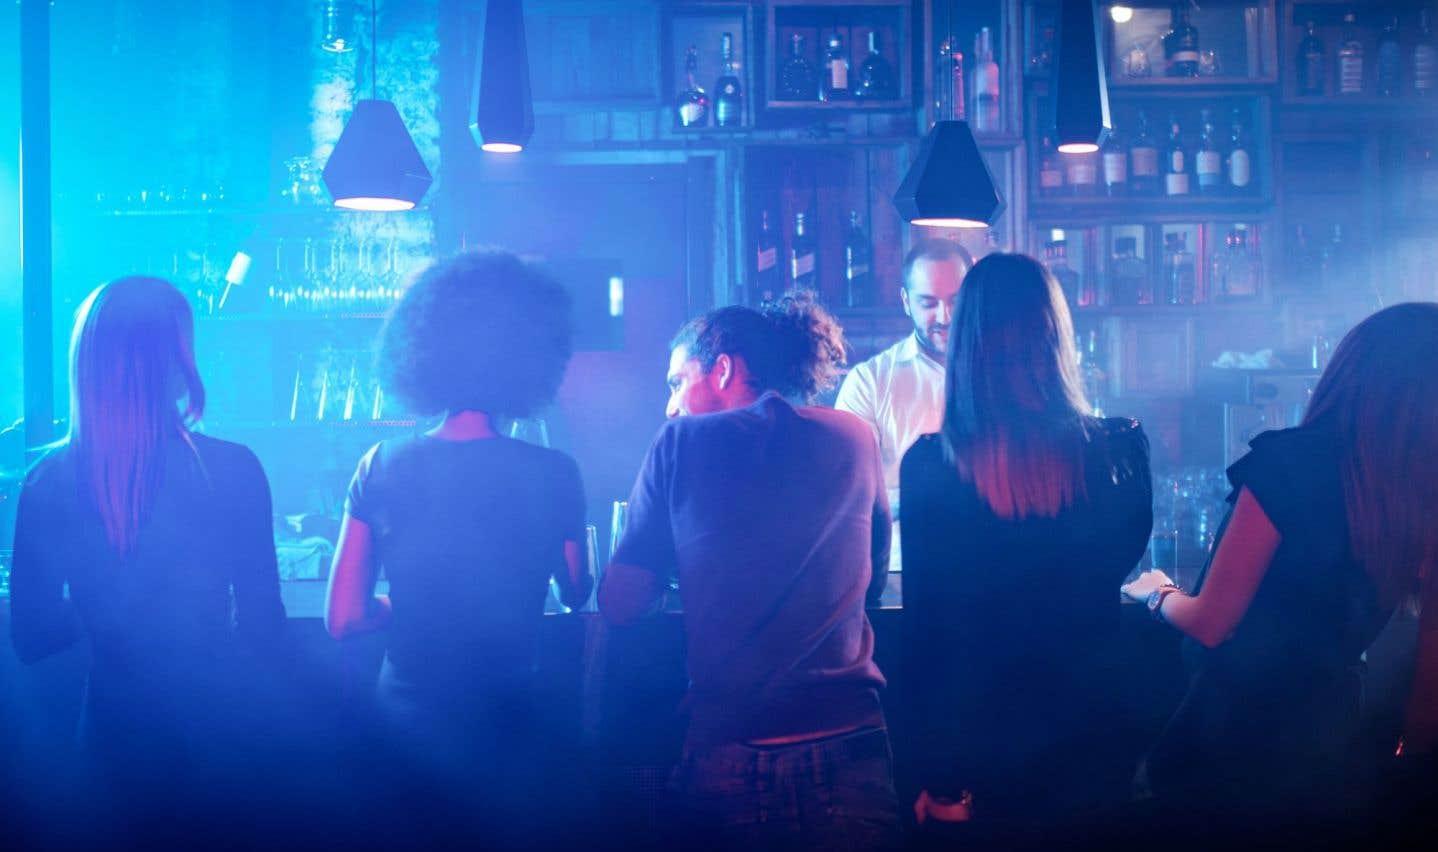 Des bars unis contre la violence sexuelle